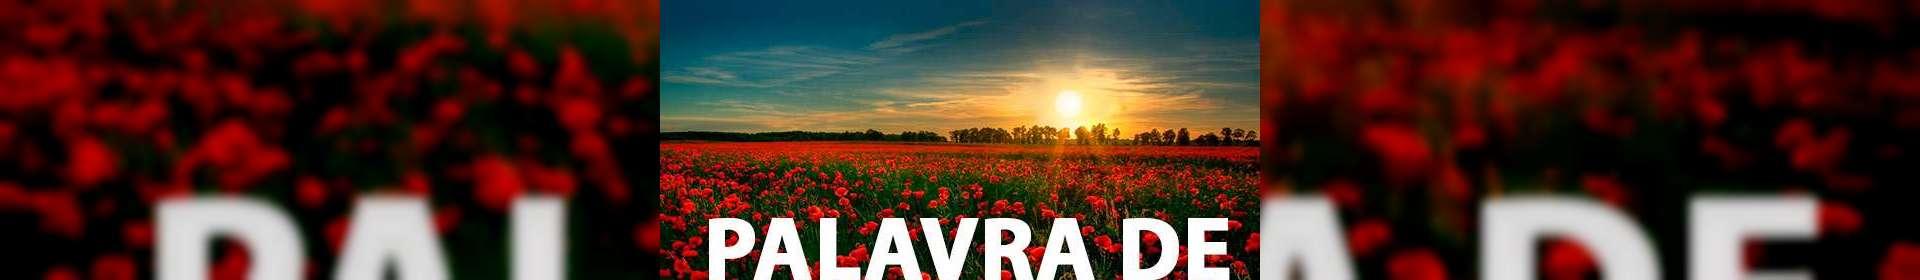 Isaías 63:15 - Uma Palavra de Esperança para sua vida